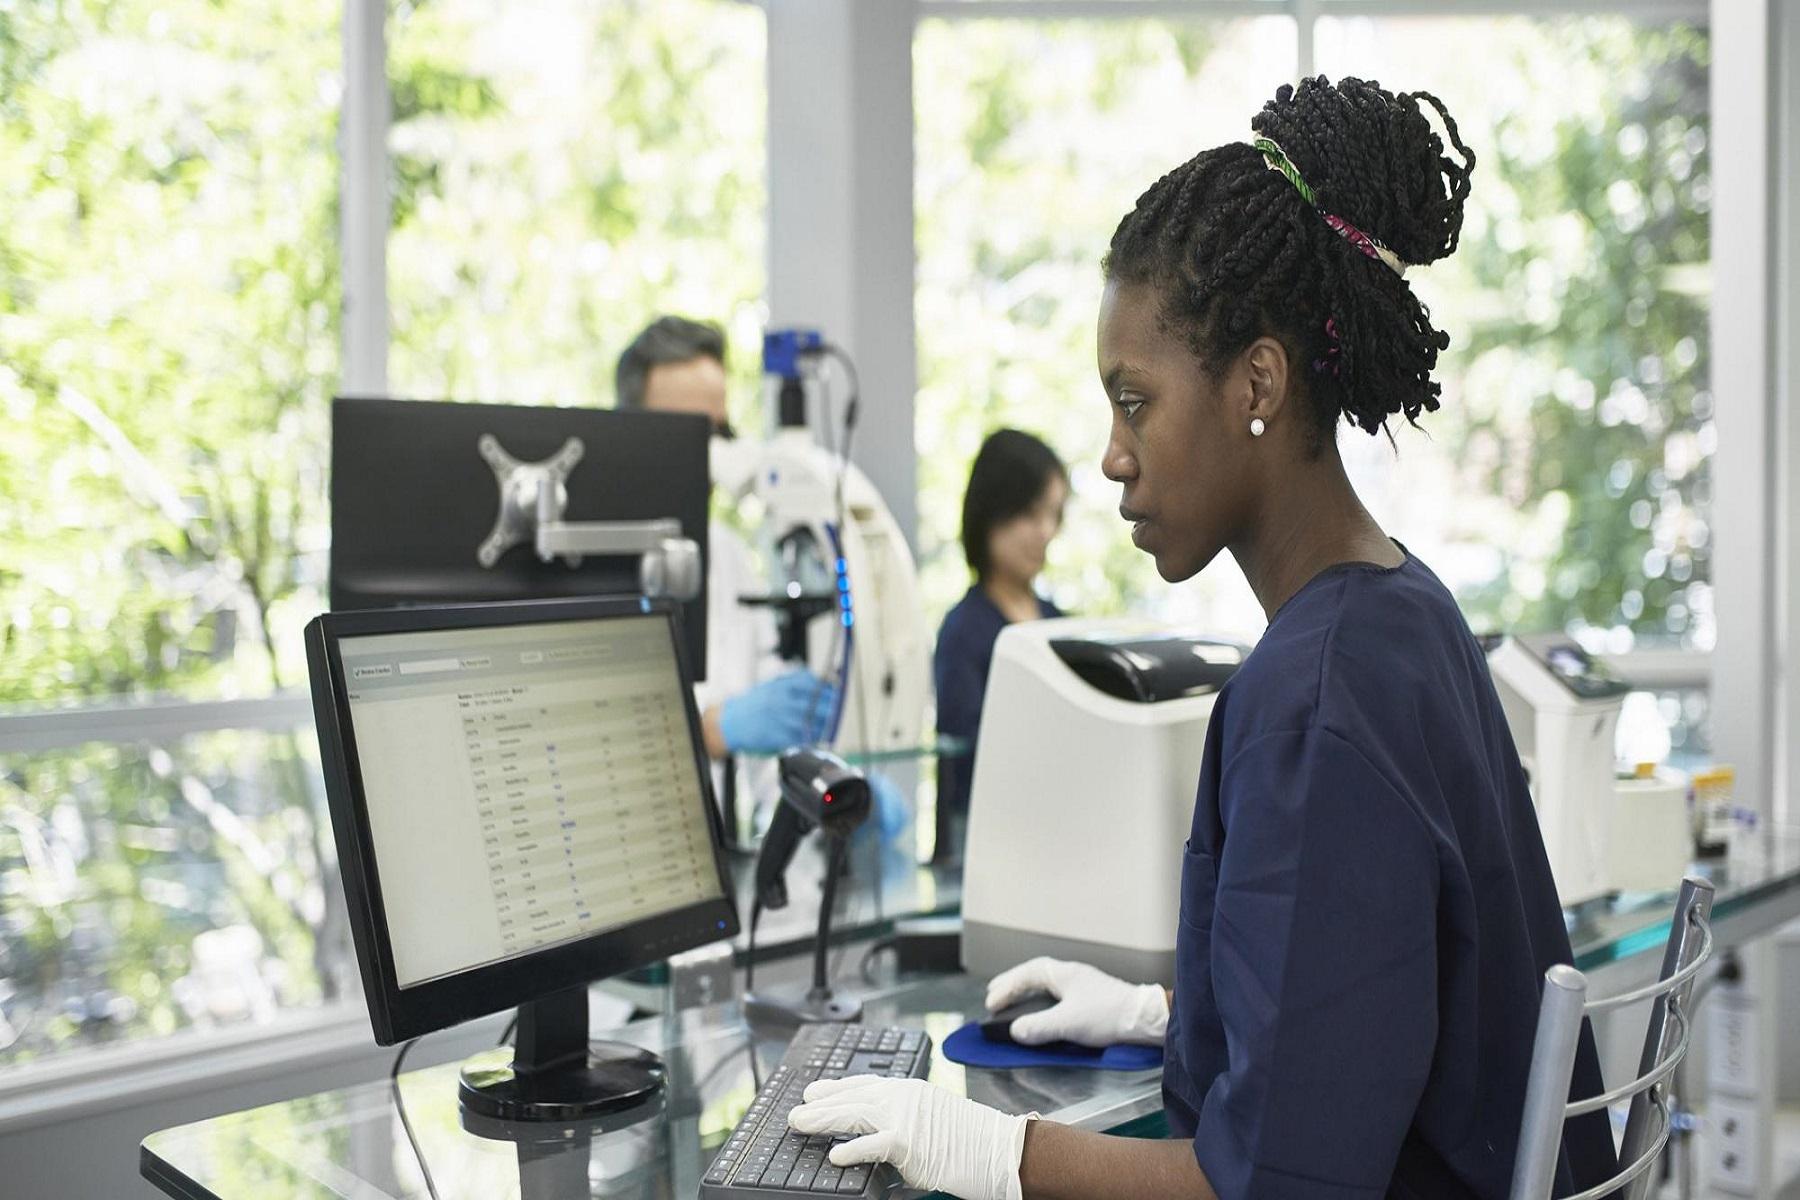 Υπ. Υγείας Αγγλία: Οι 5 κρίσιμοι τομείς της ψηφιακής τεχνολογίας υγείας